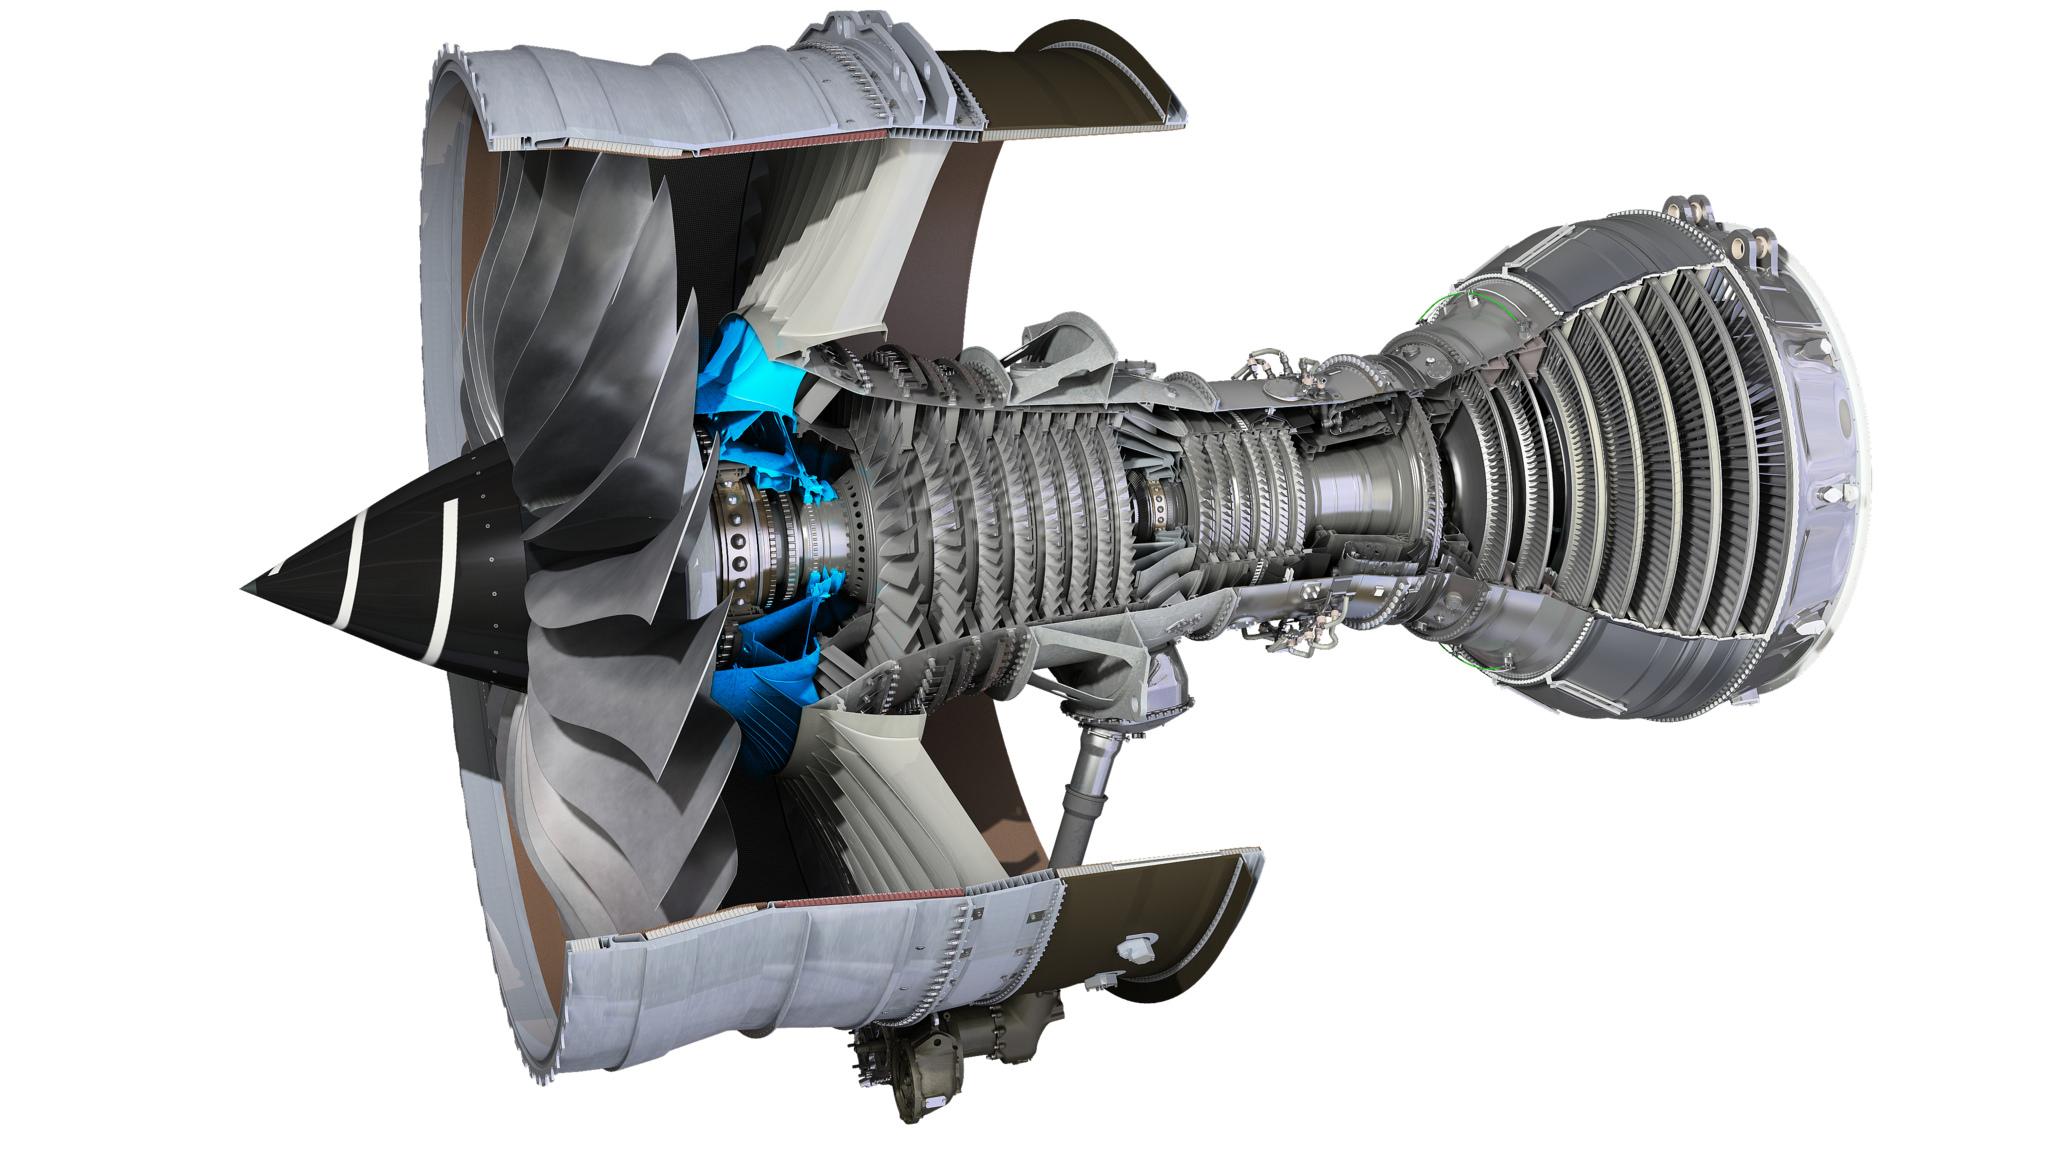 Você sabe como funciona um motor de avião a jato? Economia UOL  #0180CA 2048x1152 Banheiro De Avião Como Funciona